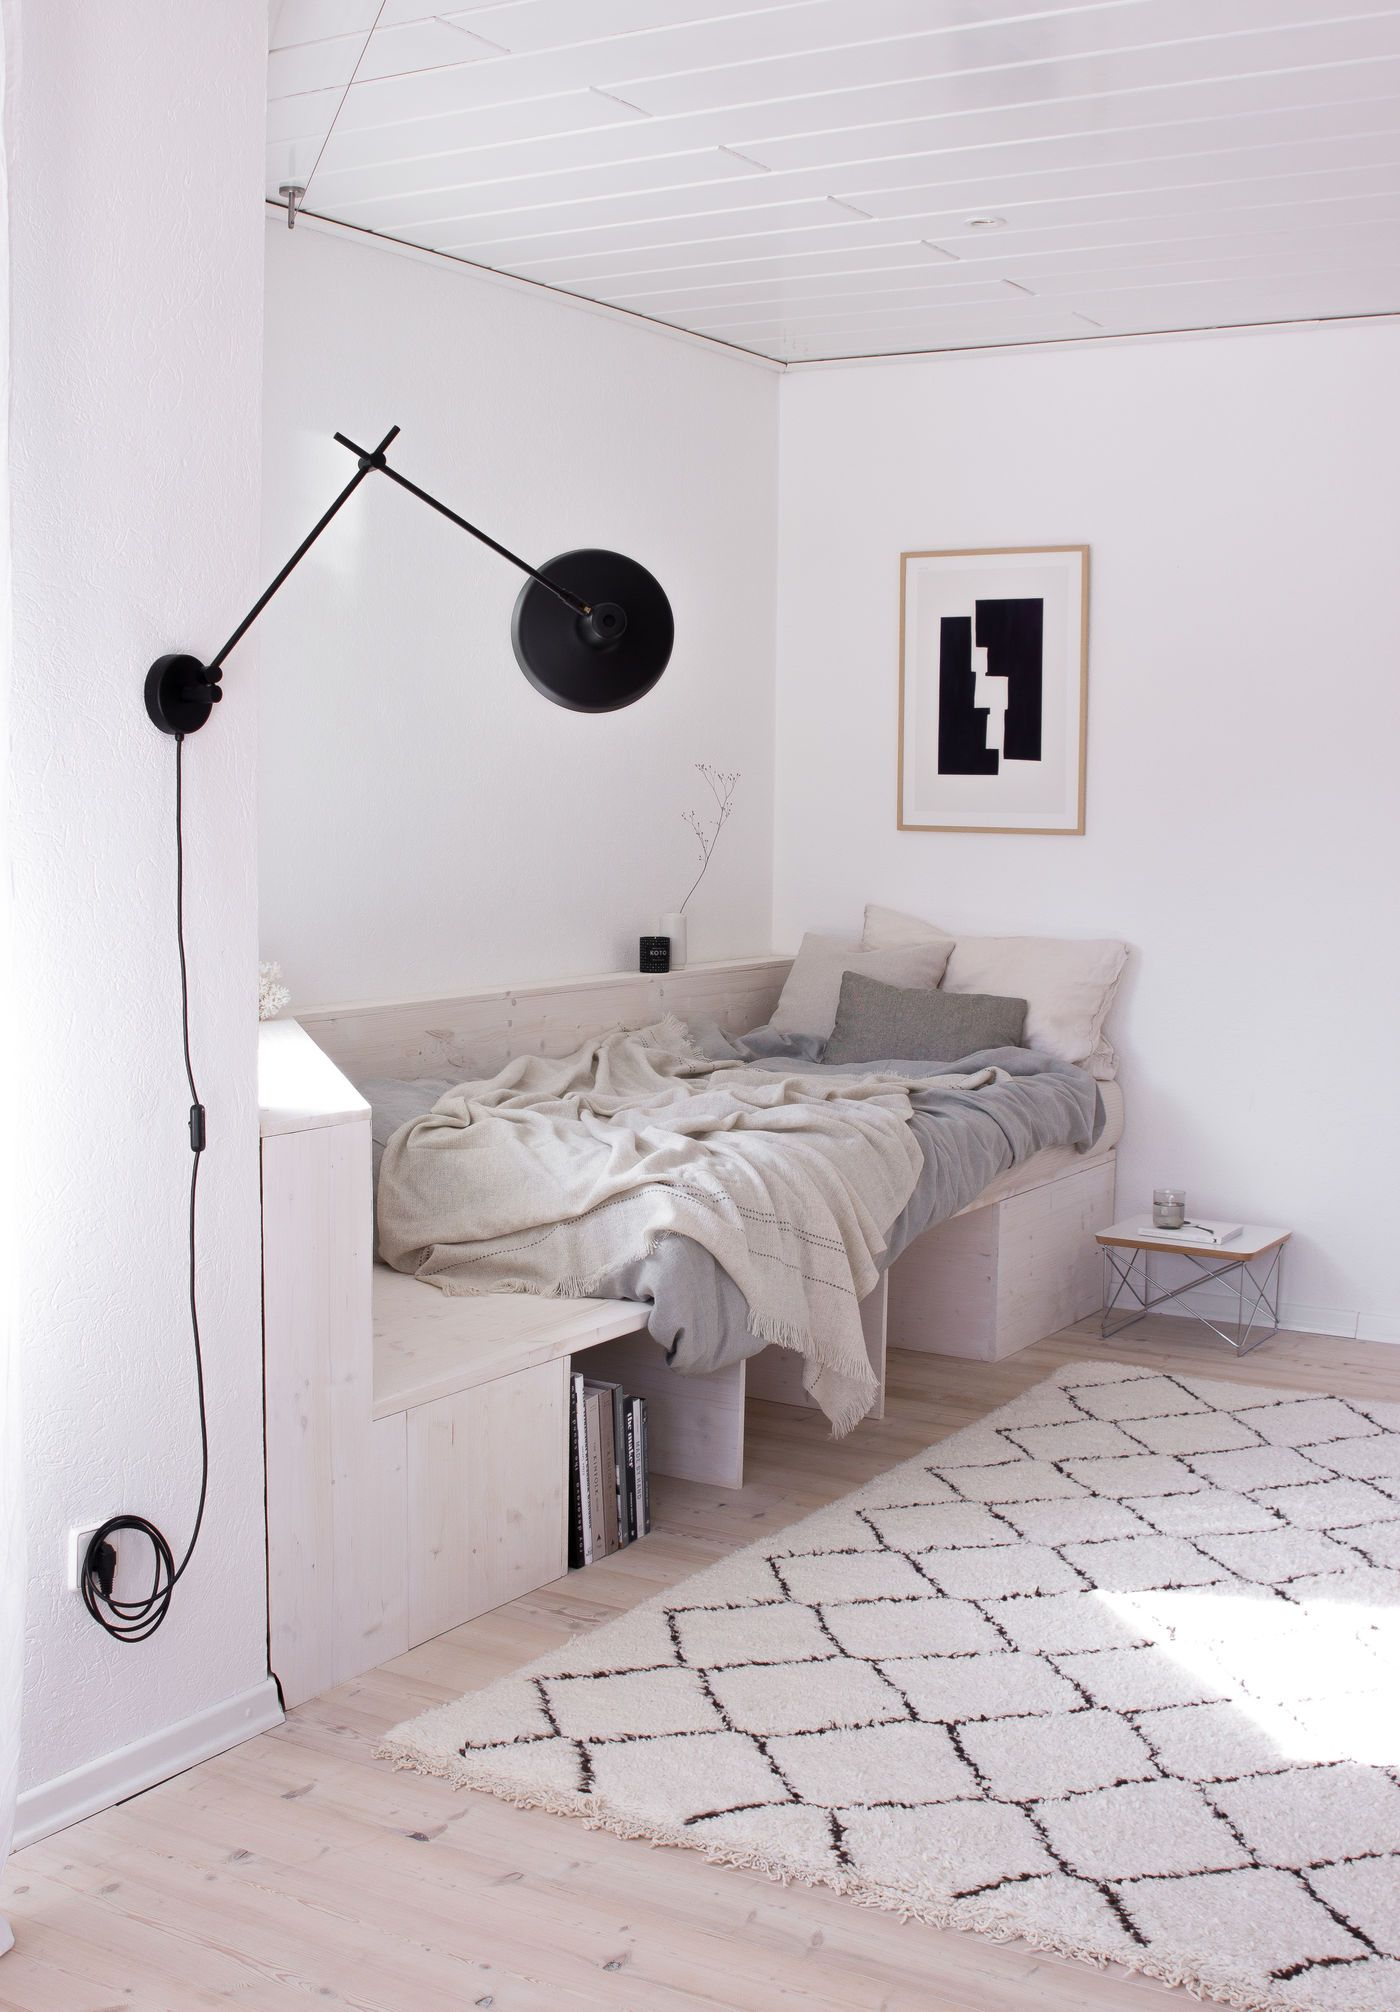 Selber bauen bauplan betten Wohnmobil Bett